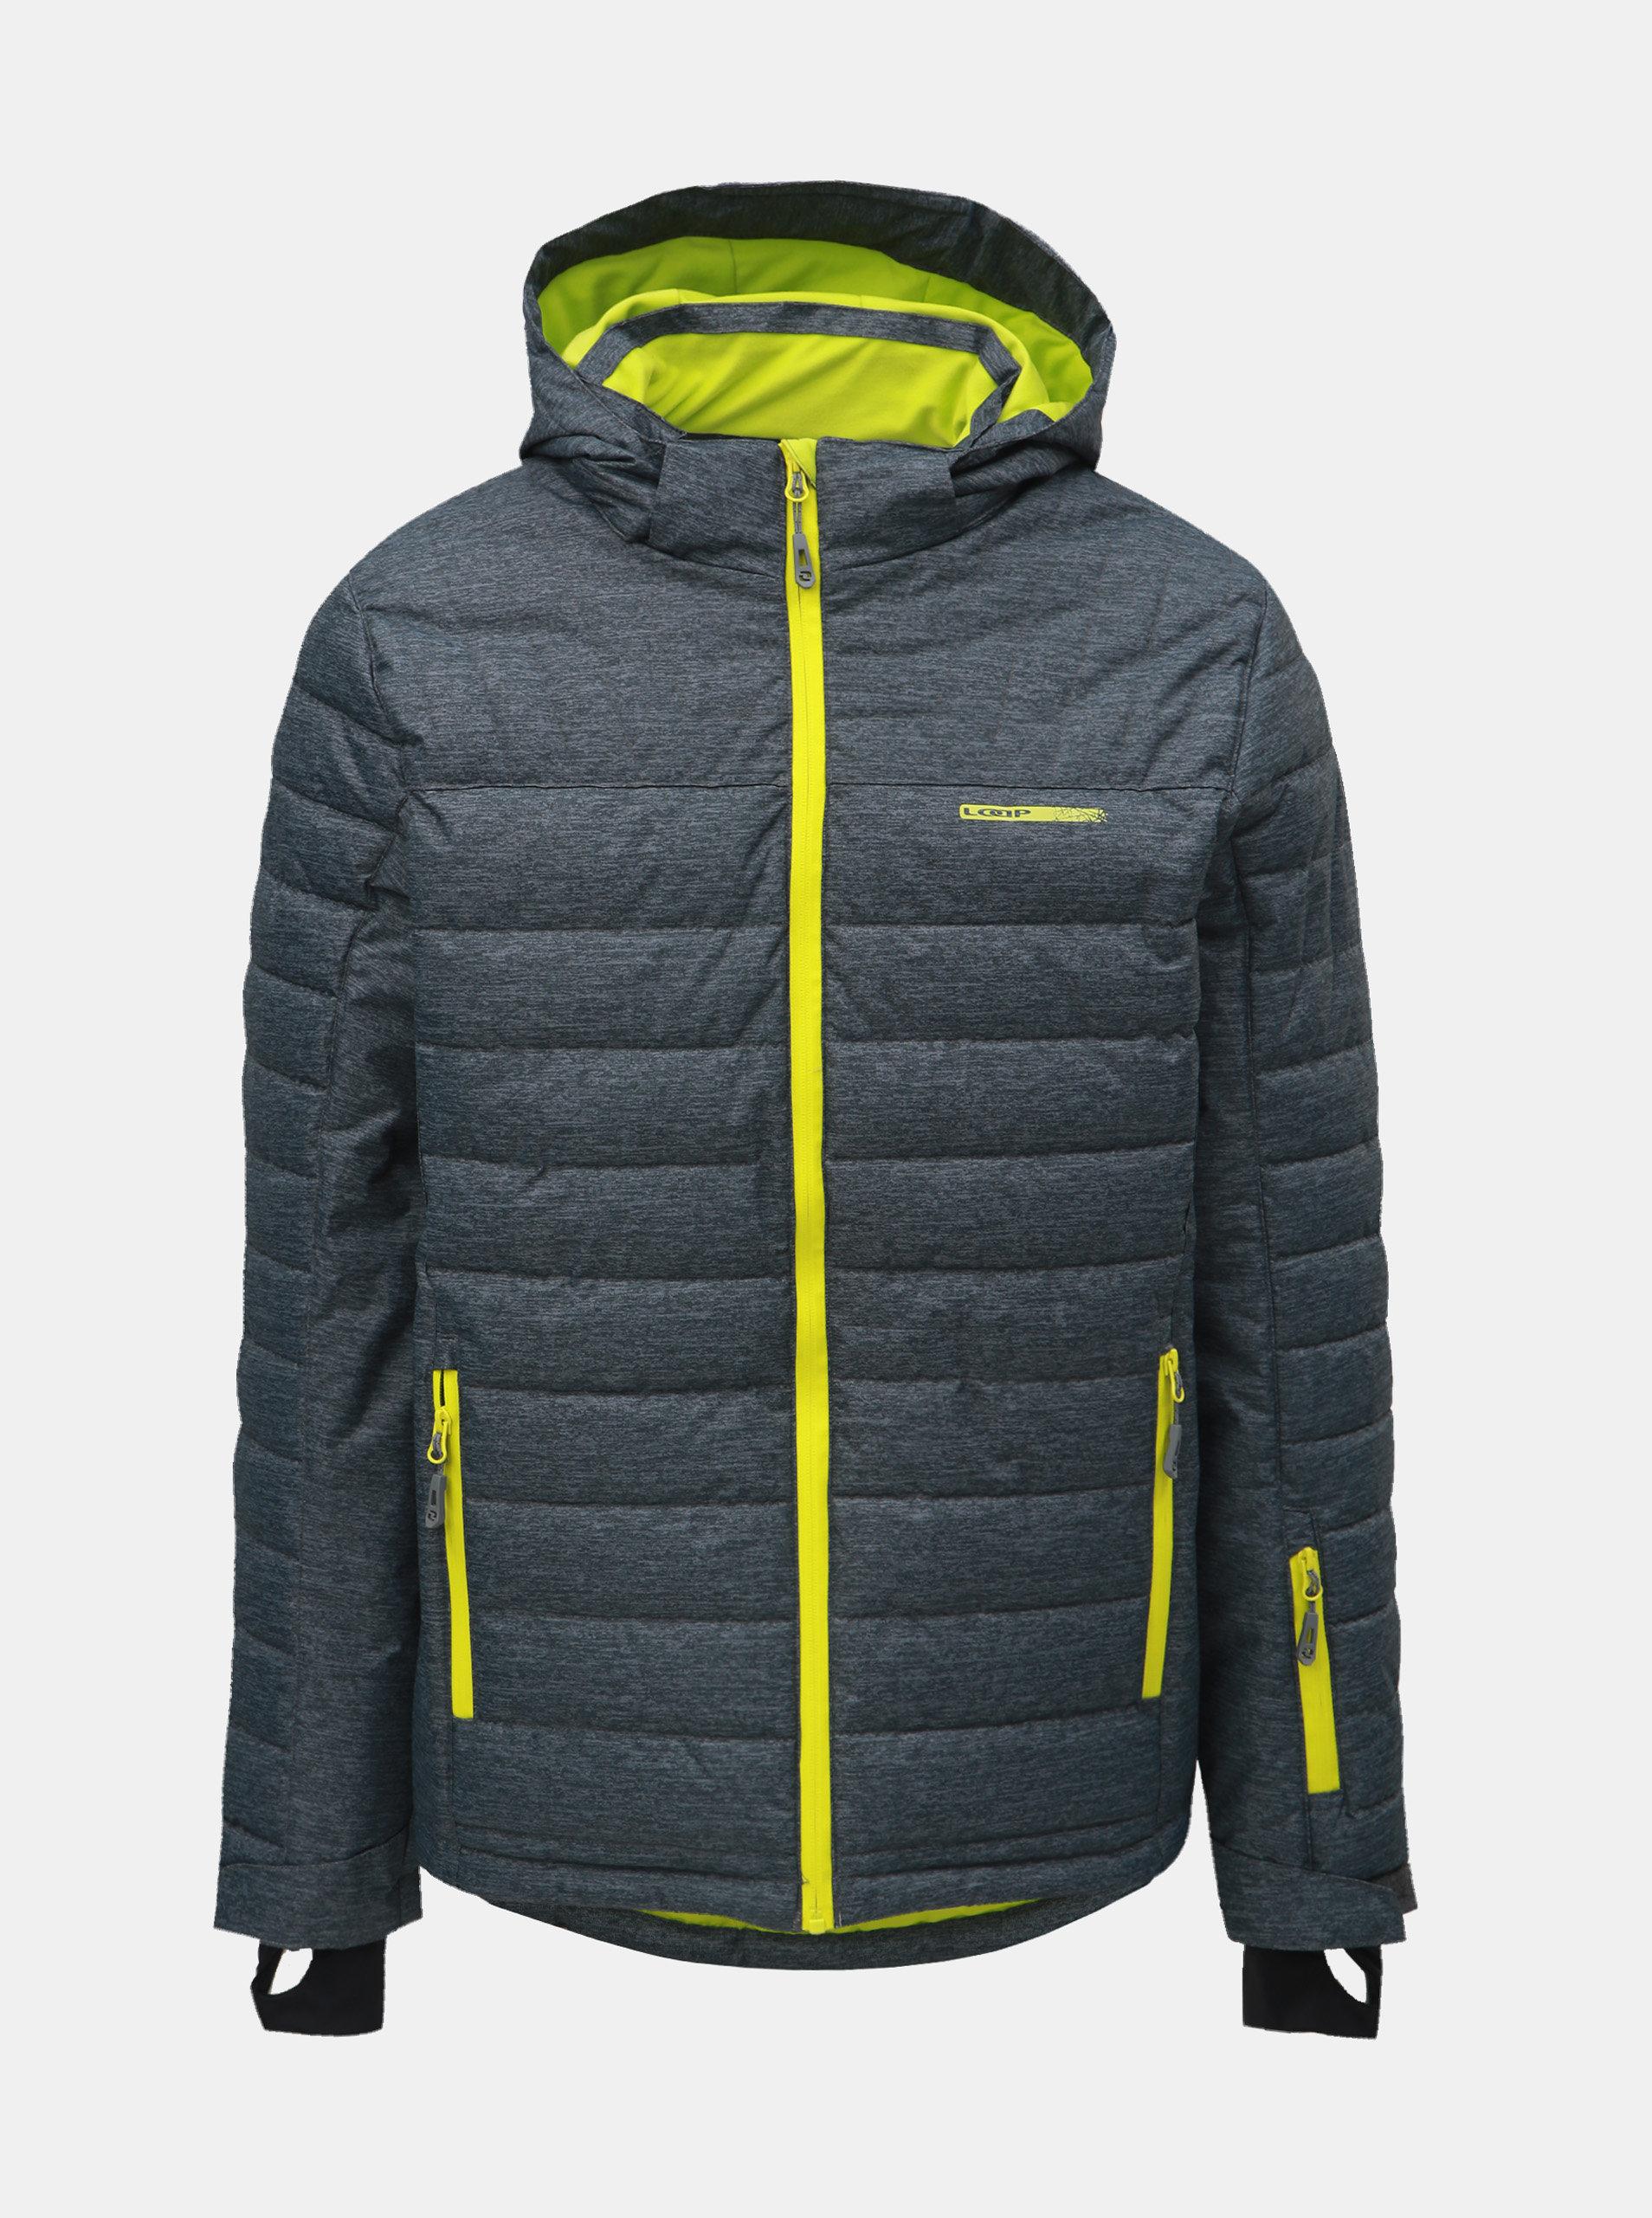 Sivá pánska melírovaná lyžiarska bunda s neónovými detailmi LOAP Omri ... 2a14fd0831f